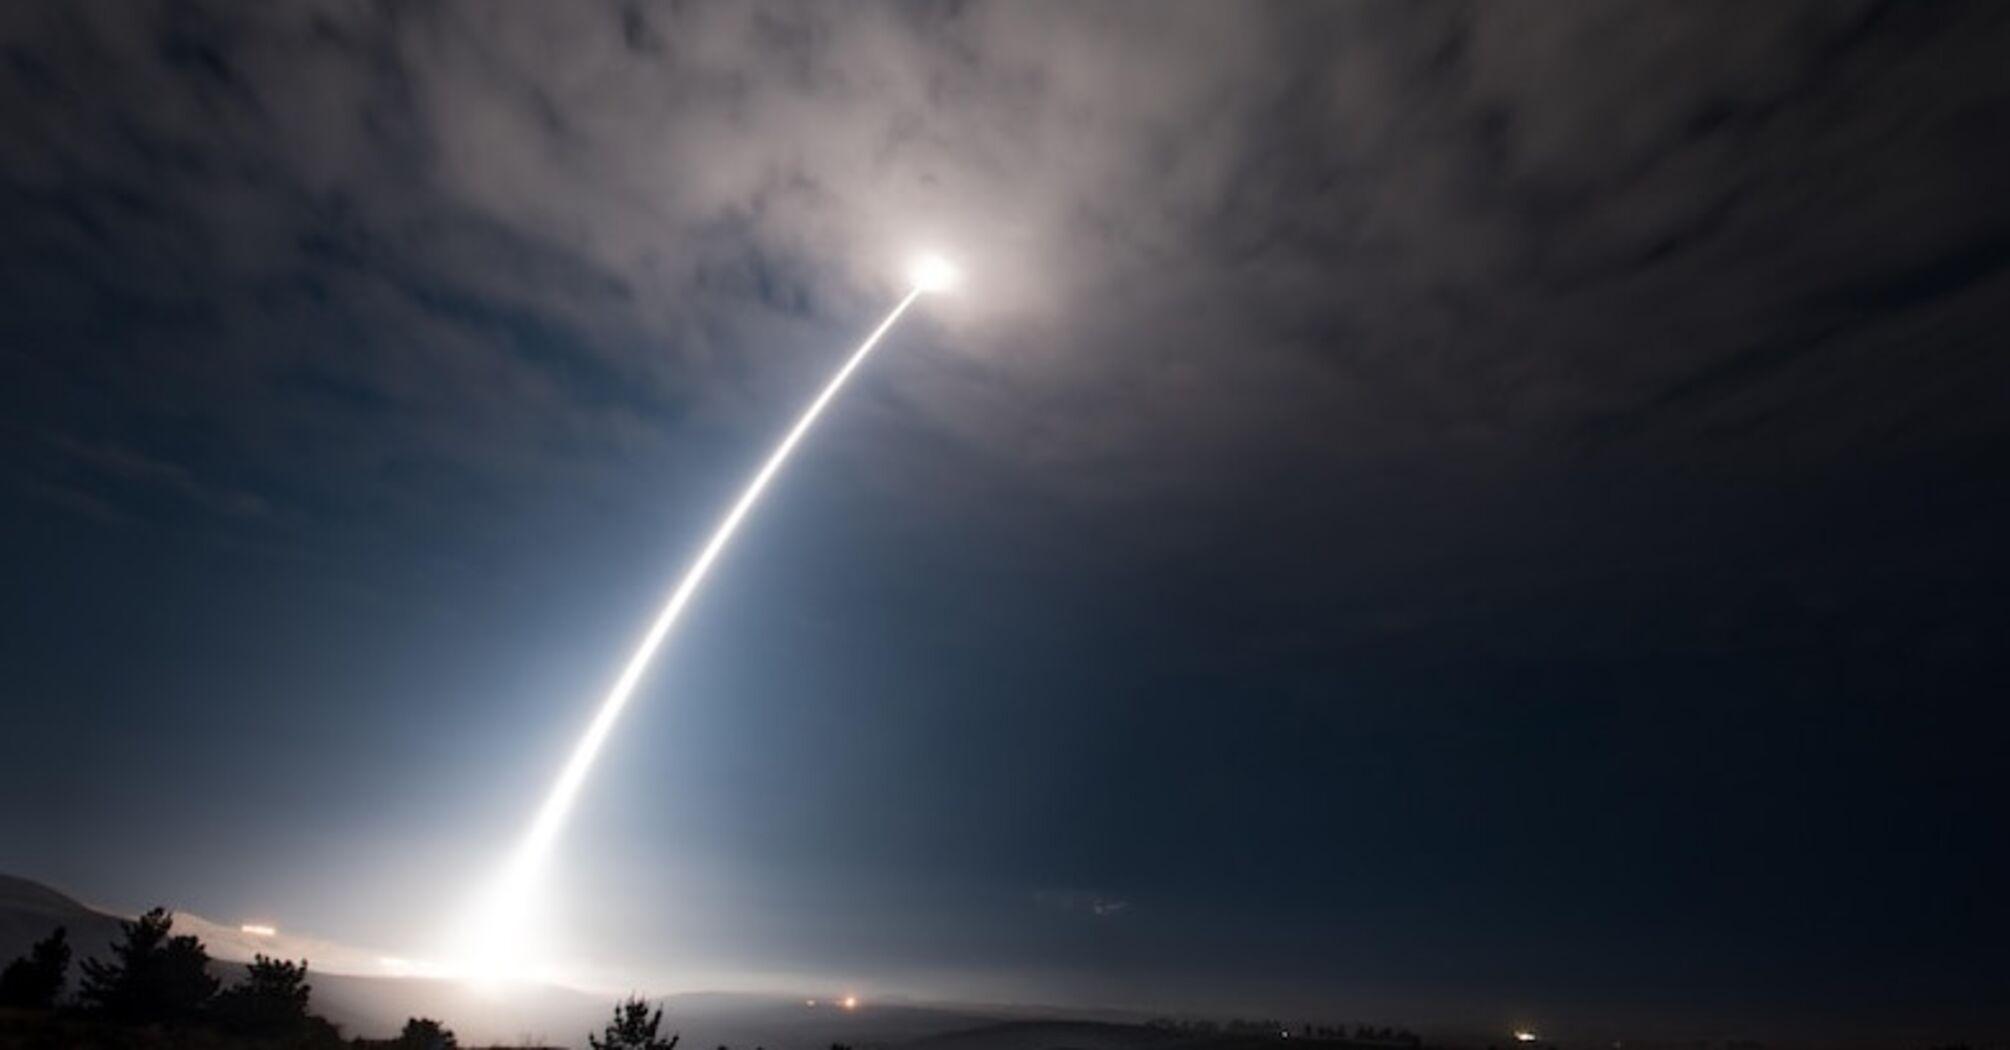 В США испытали ядерную ракету Minuteman III. Видео